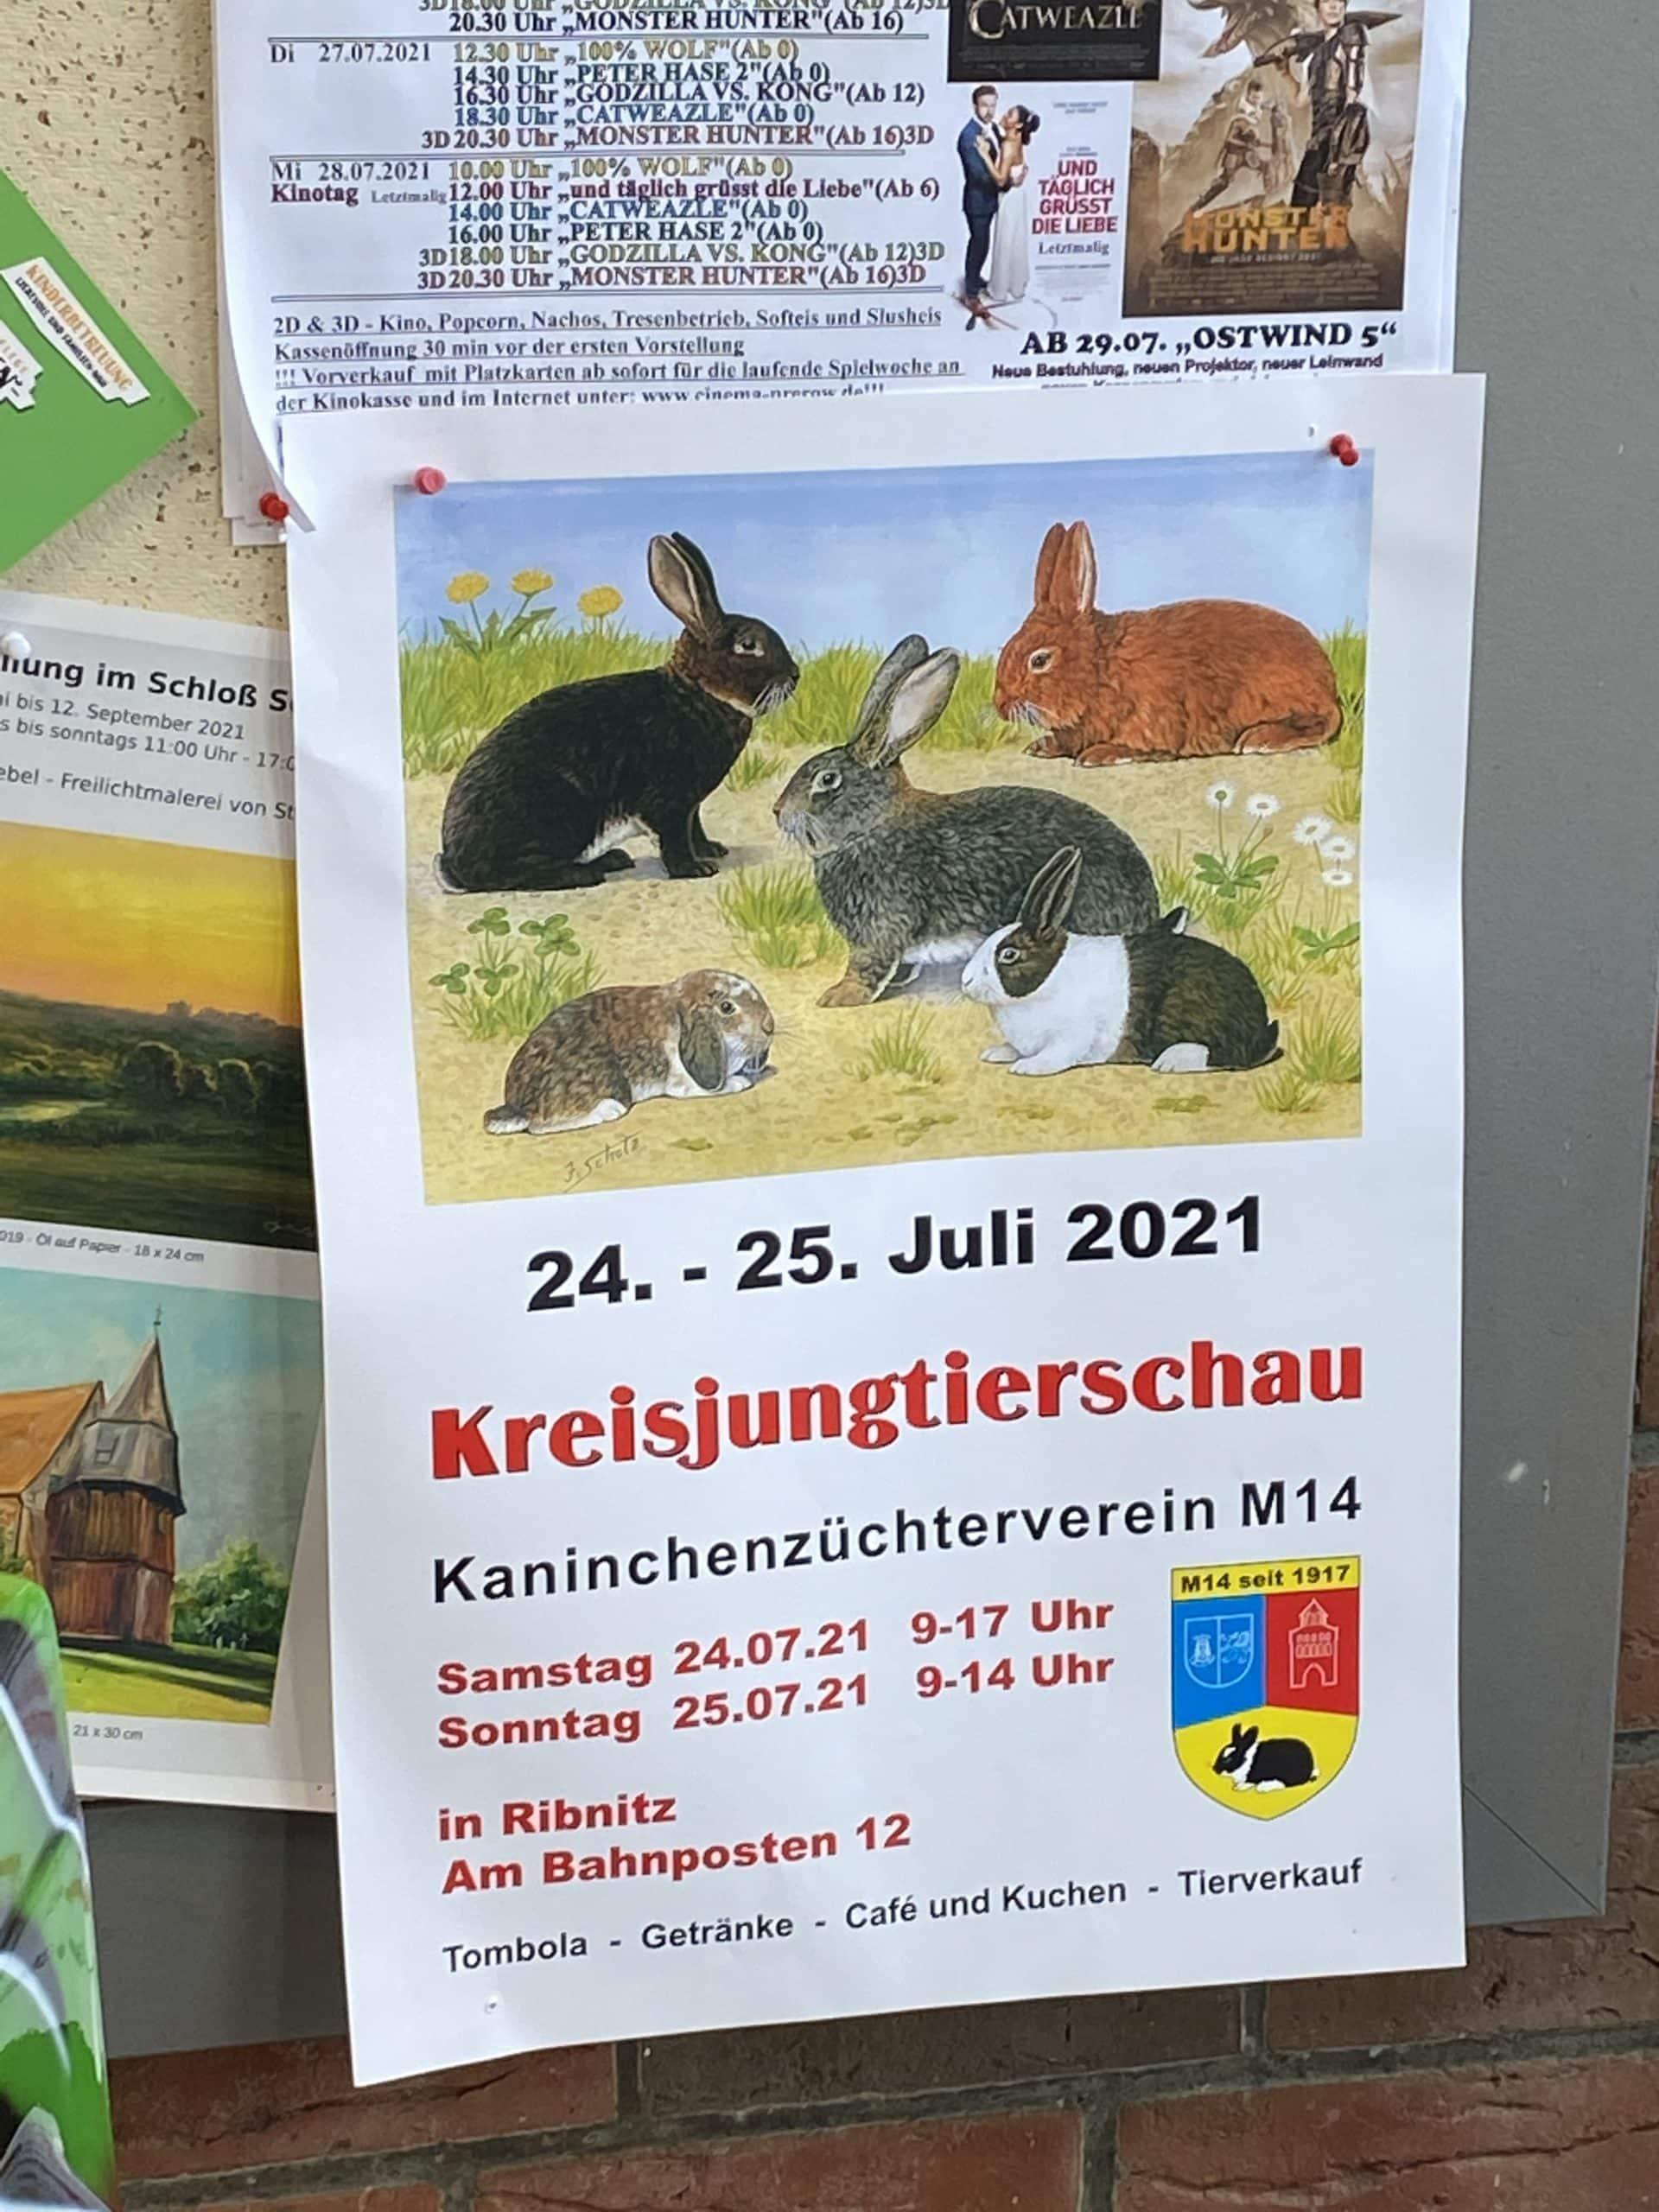 Viel interessanter finden die Kinder dieses Plakat, zur Kreisjungtierschau von Kaninchen.